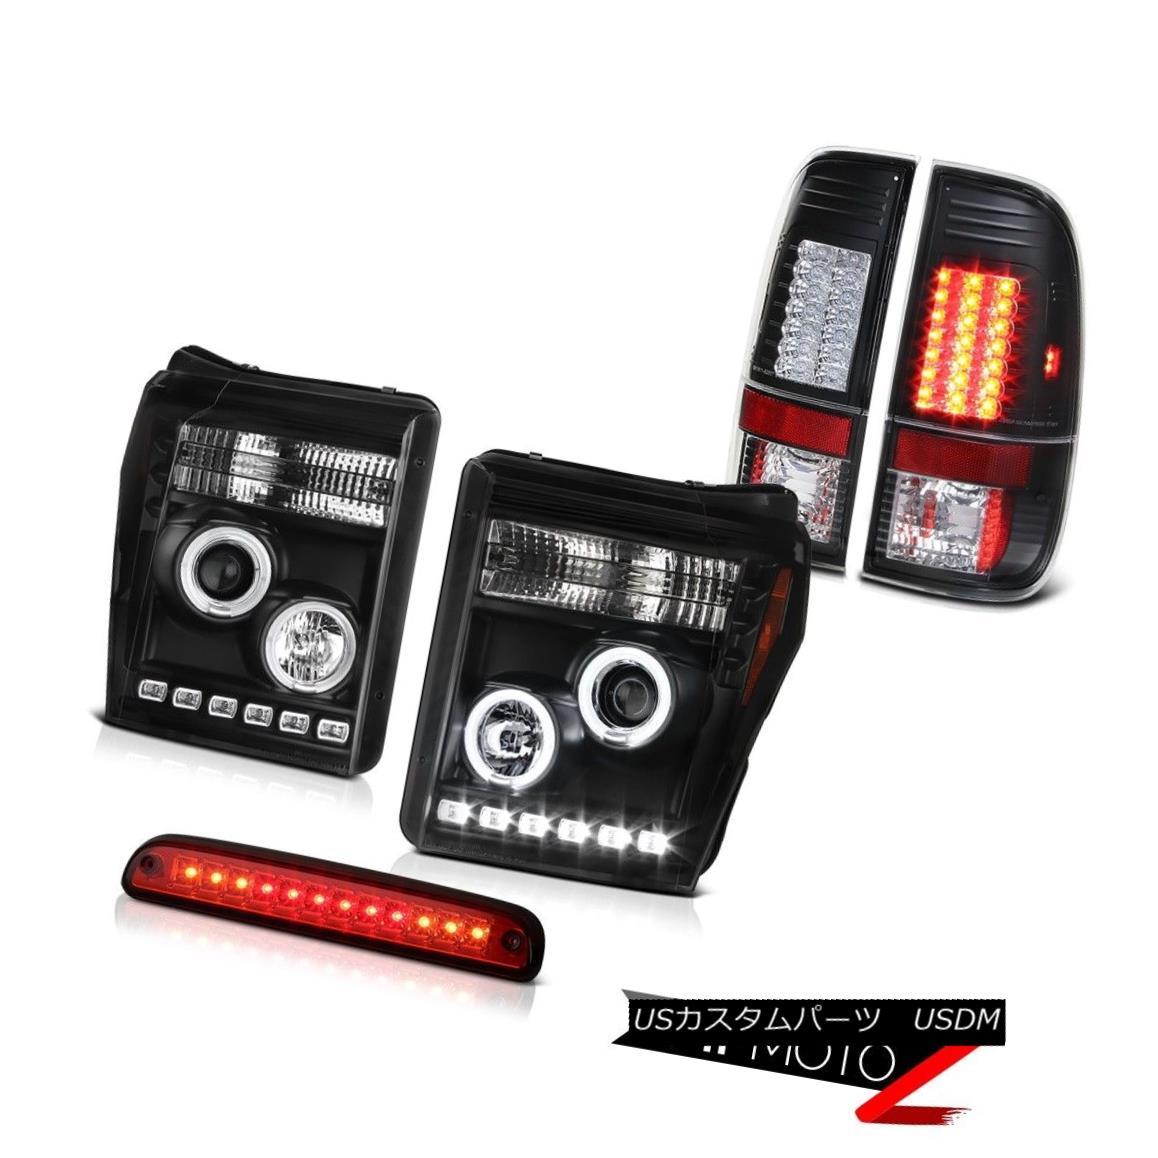 テールライト 11-16 F350 Turobdiesel Red High Stop Lamp Black Taillights Projector Headlamps 11-16 F350ターボディーゼルレッドハイストップランプブラックテールライトプロジェクターヘッドランプ